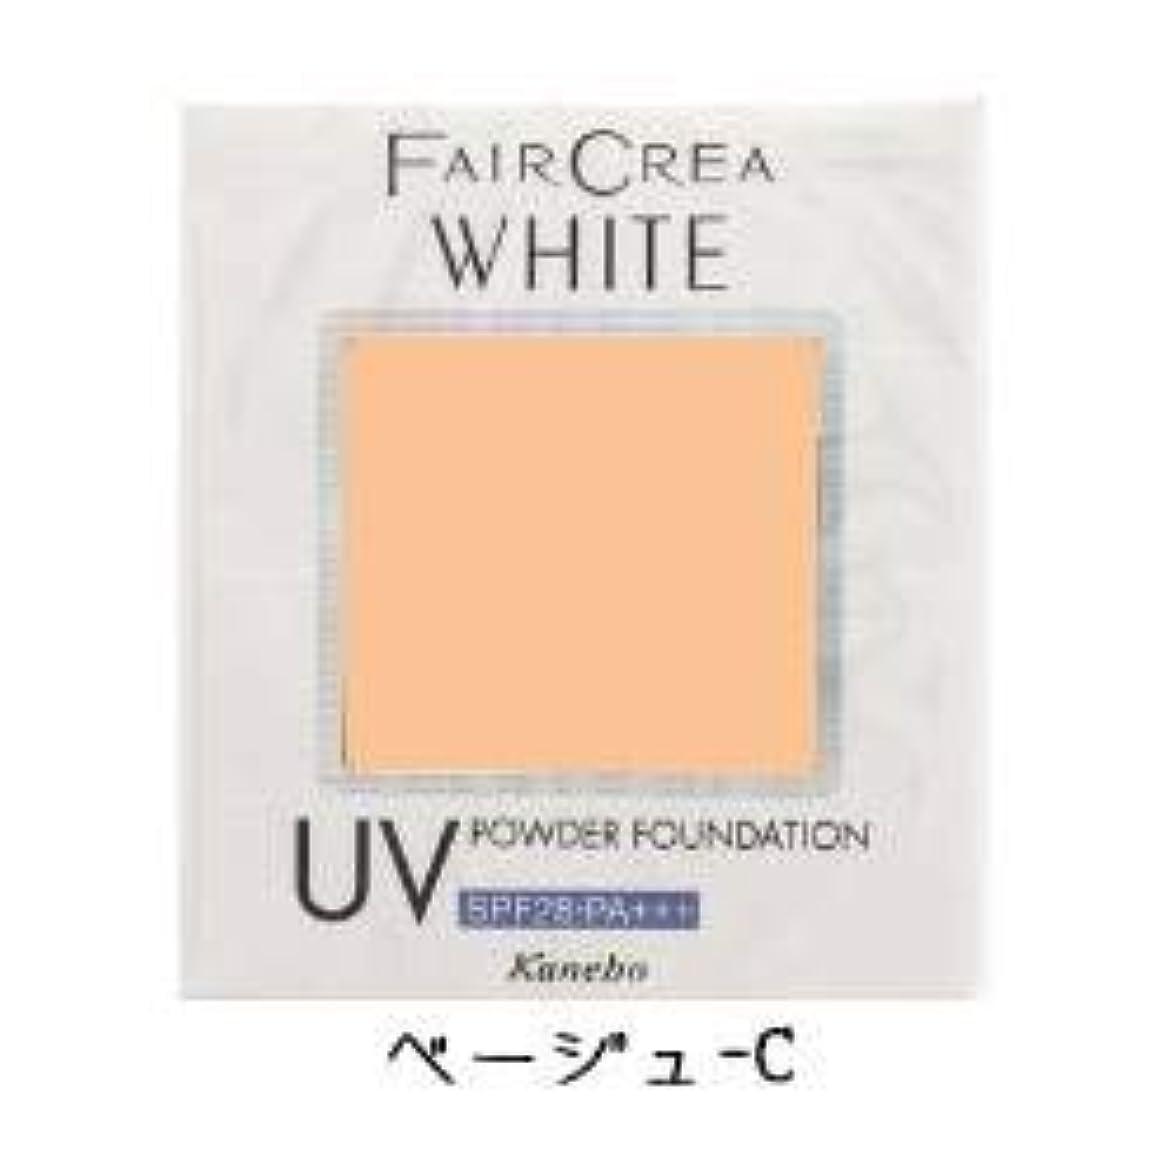 破壊的状隠カネボウ フェアクレア ホワイトUVパウダーファンデーション ベージュ-C(10g)